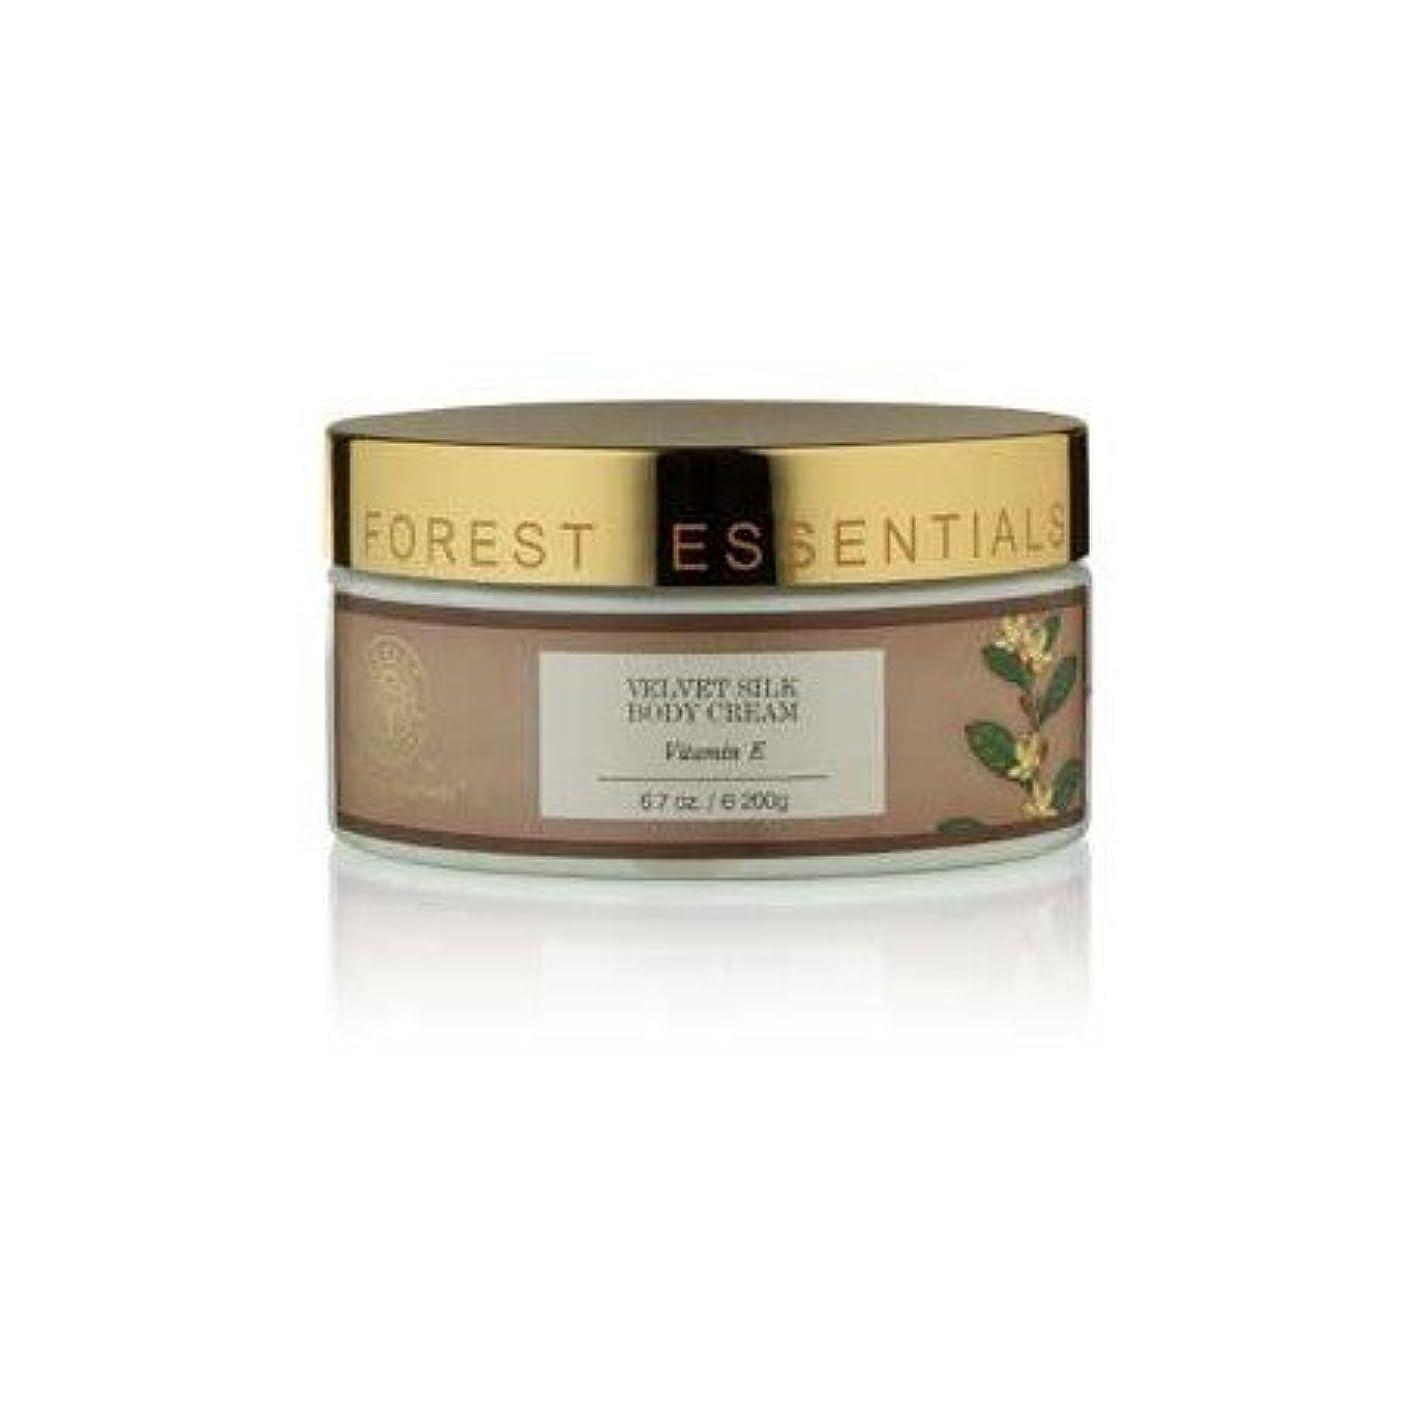 反動イデオロギーバイオレットForest Essentials Velvet Silk Body Cream Vitamin E - 200g